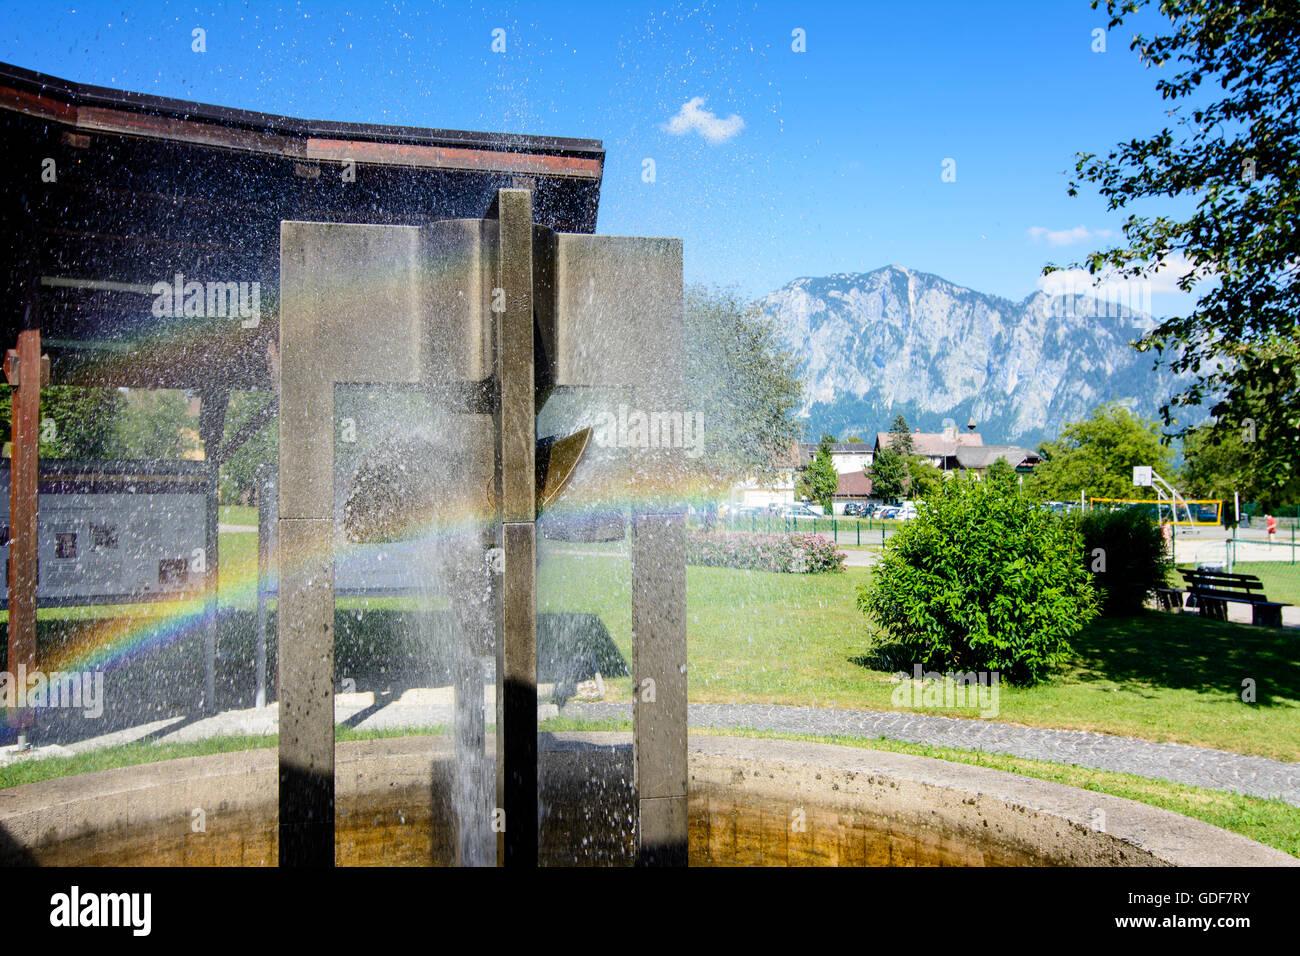 Unterach am Attersee: Monument to Victor Kaplan, Austria, Oberösterreich, Upper Austria, Salzkammergut - Stock Image